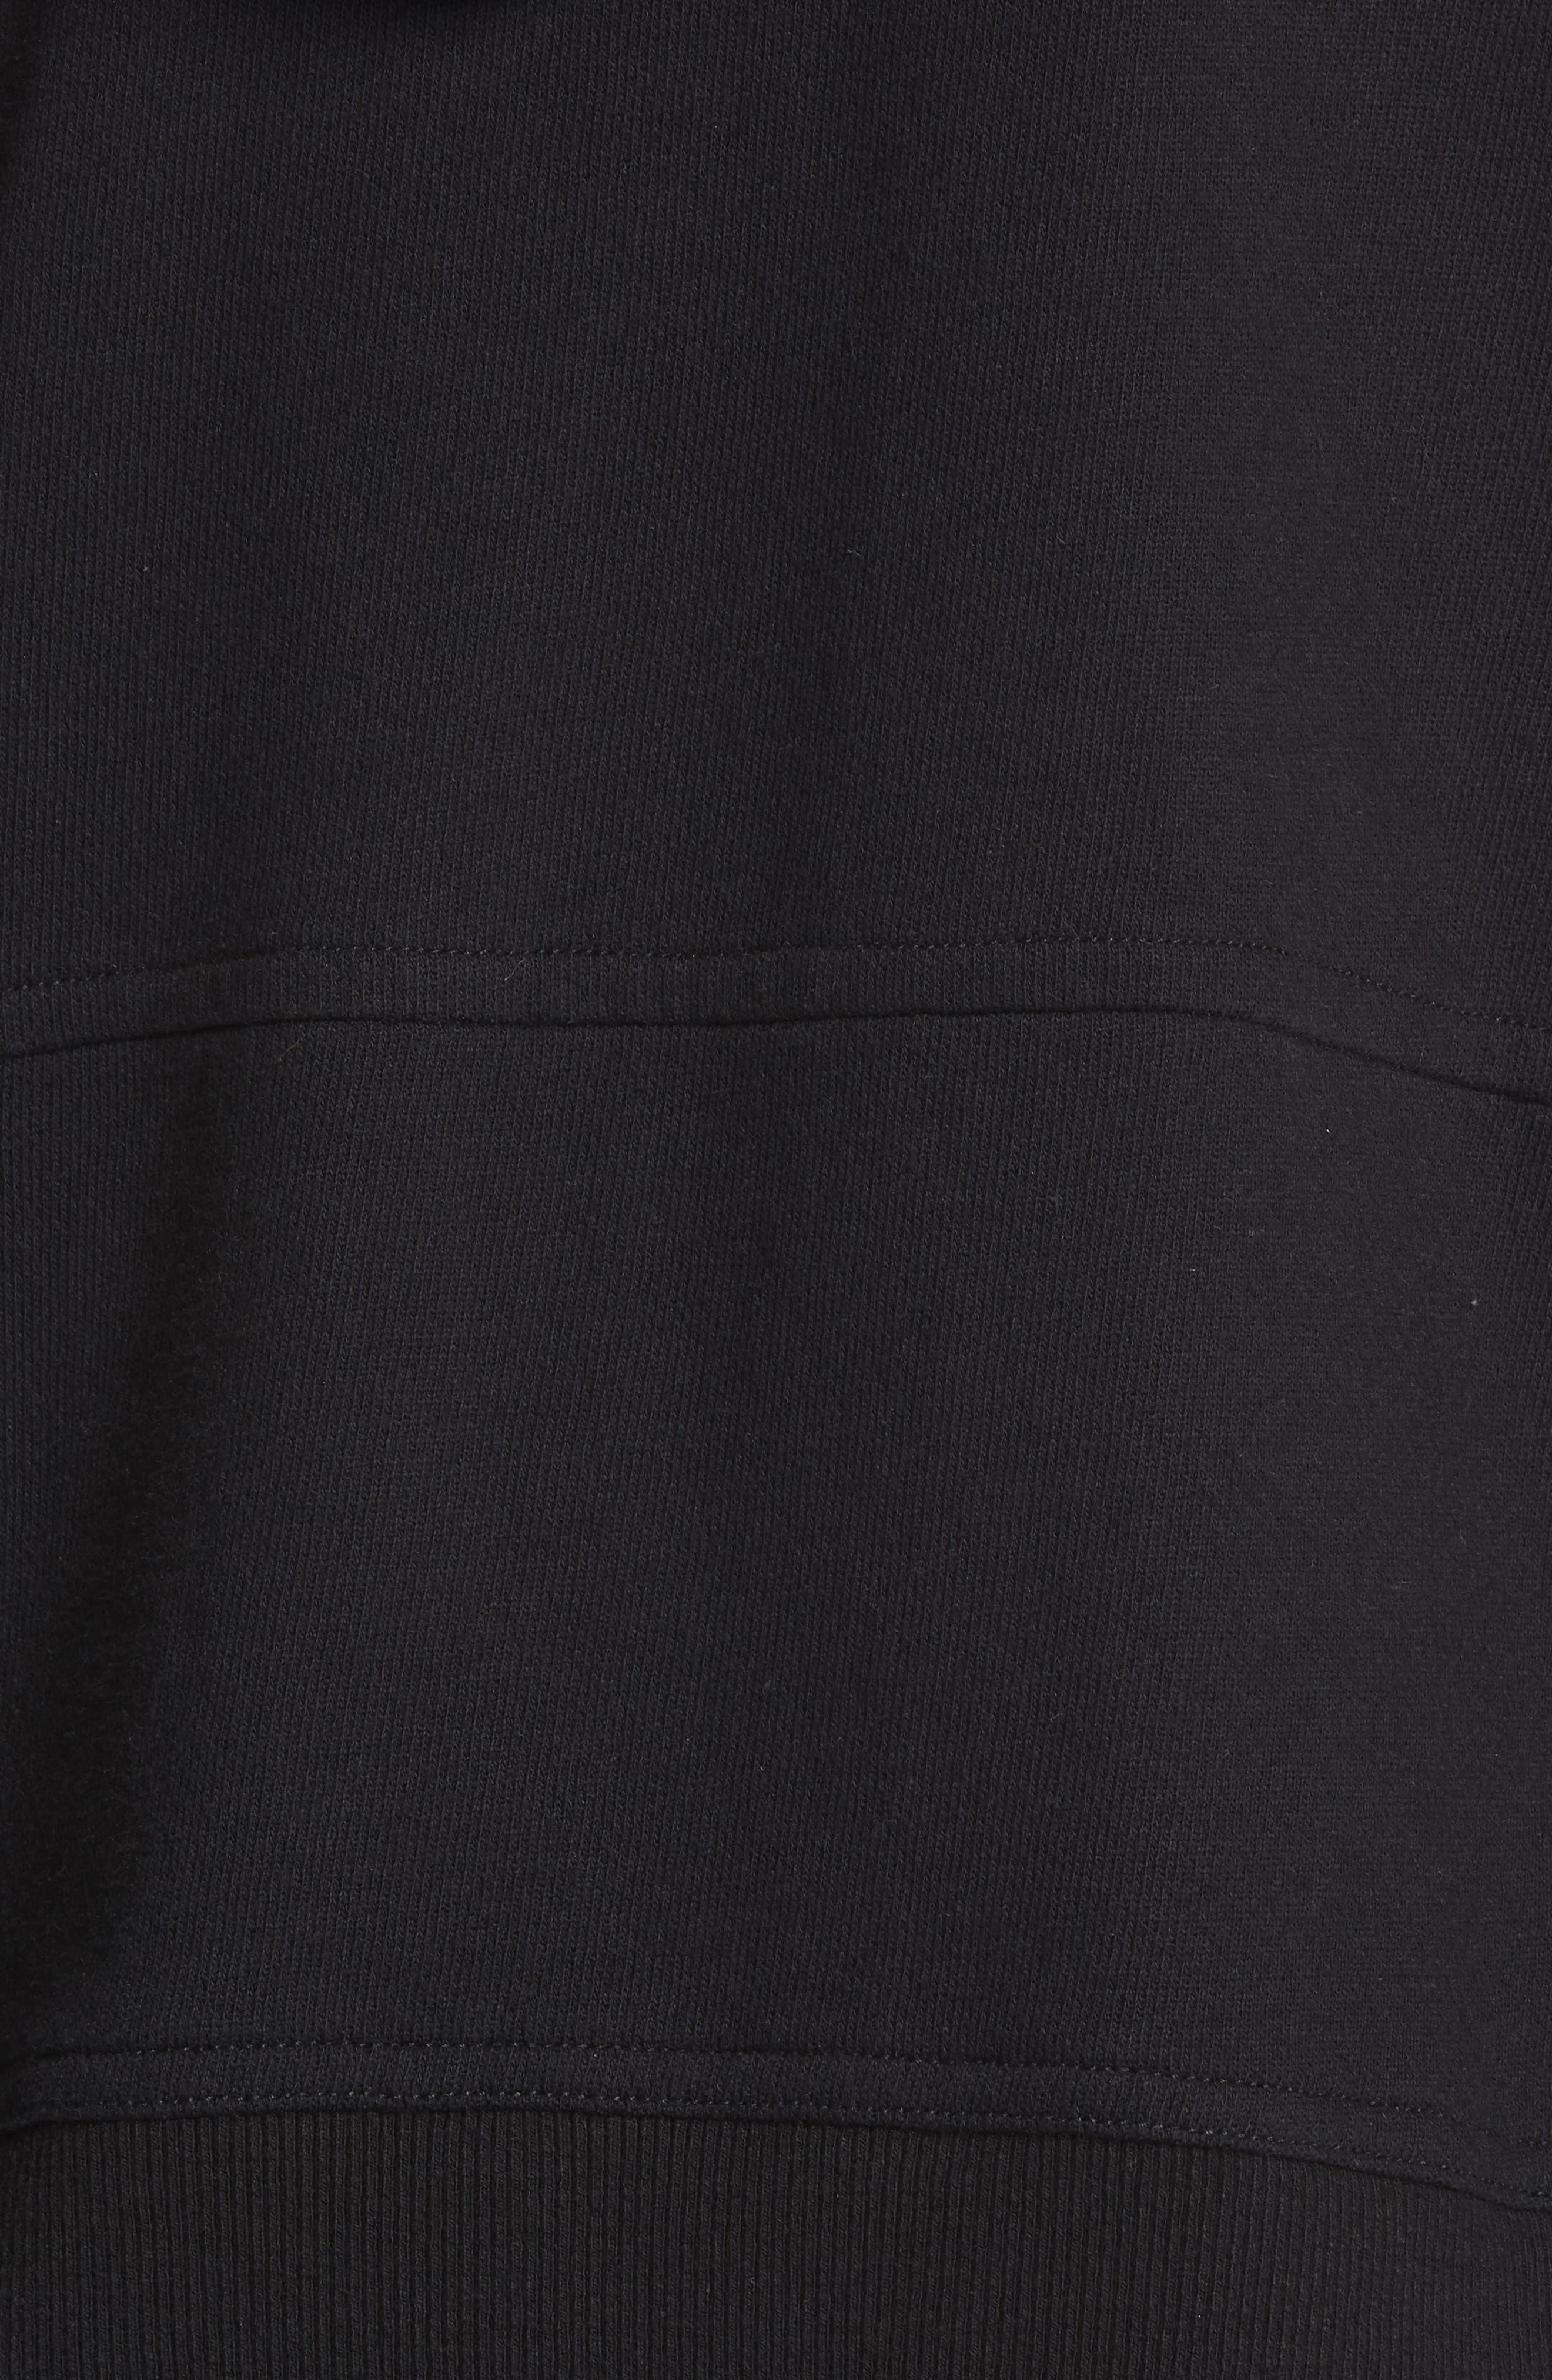 JAMES PERSE, Side Zip Hoodie, Alternate thumbnail 5, color, BLACK